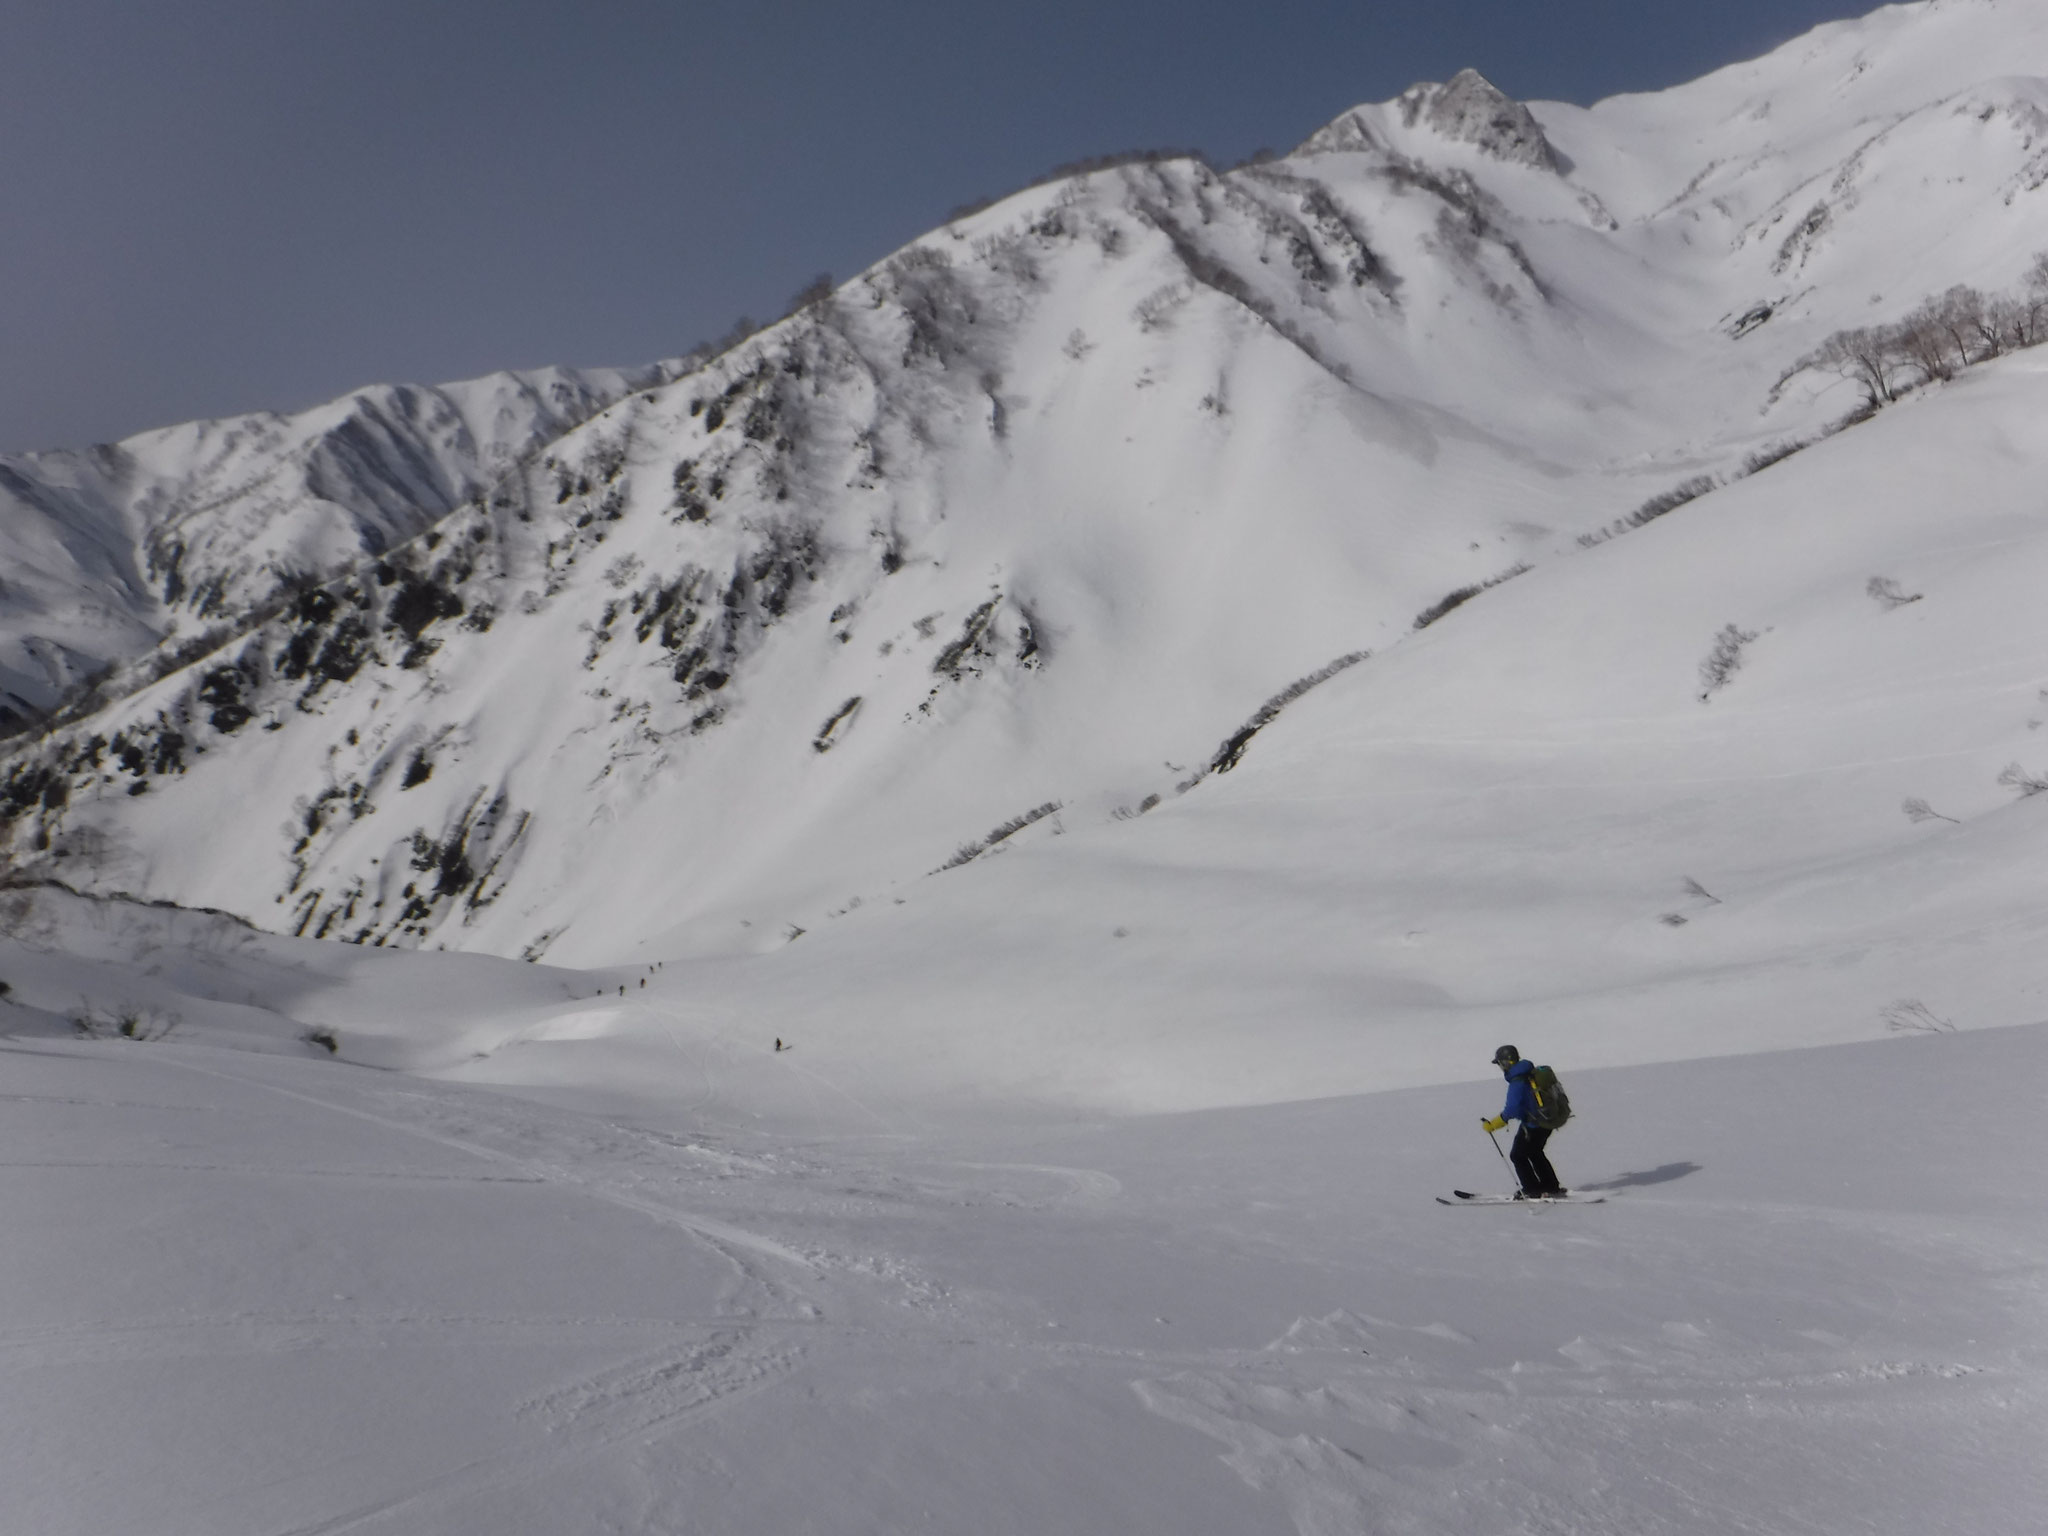 コルから湯ノ入沢へ、上部は素晴らしい新雪だった